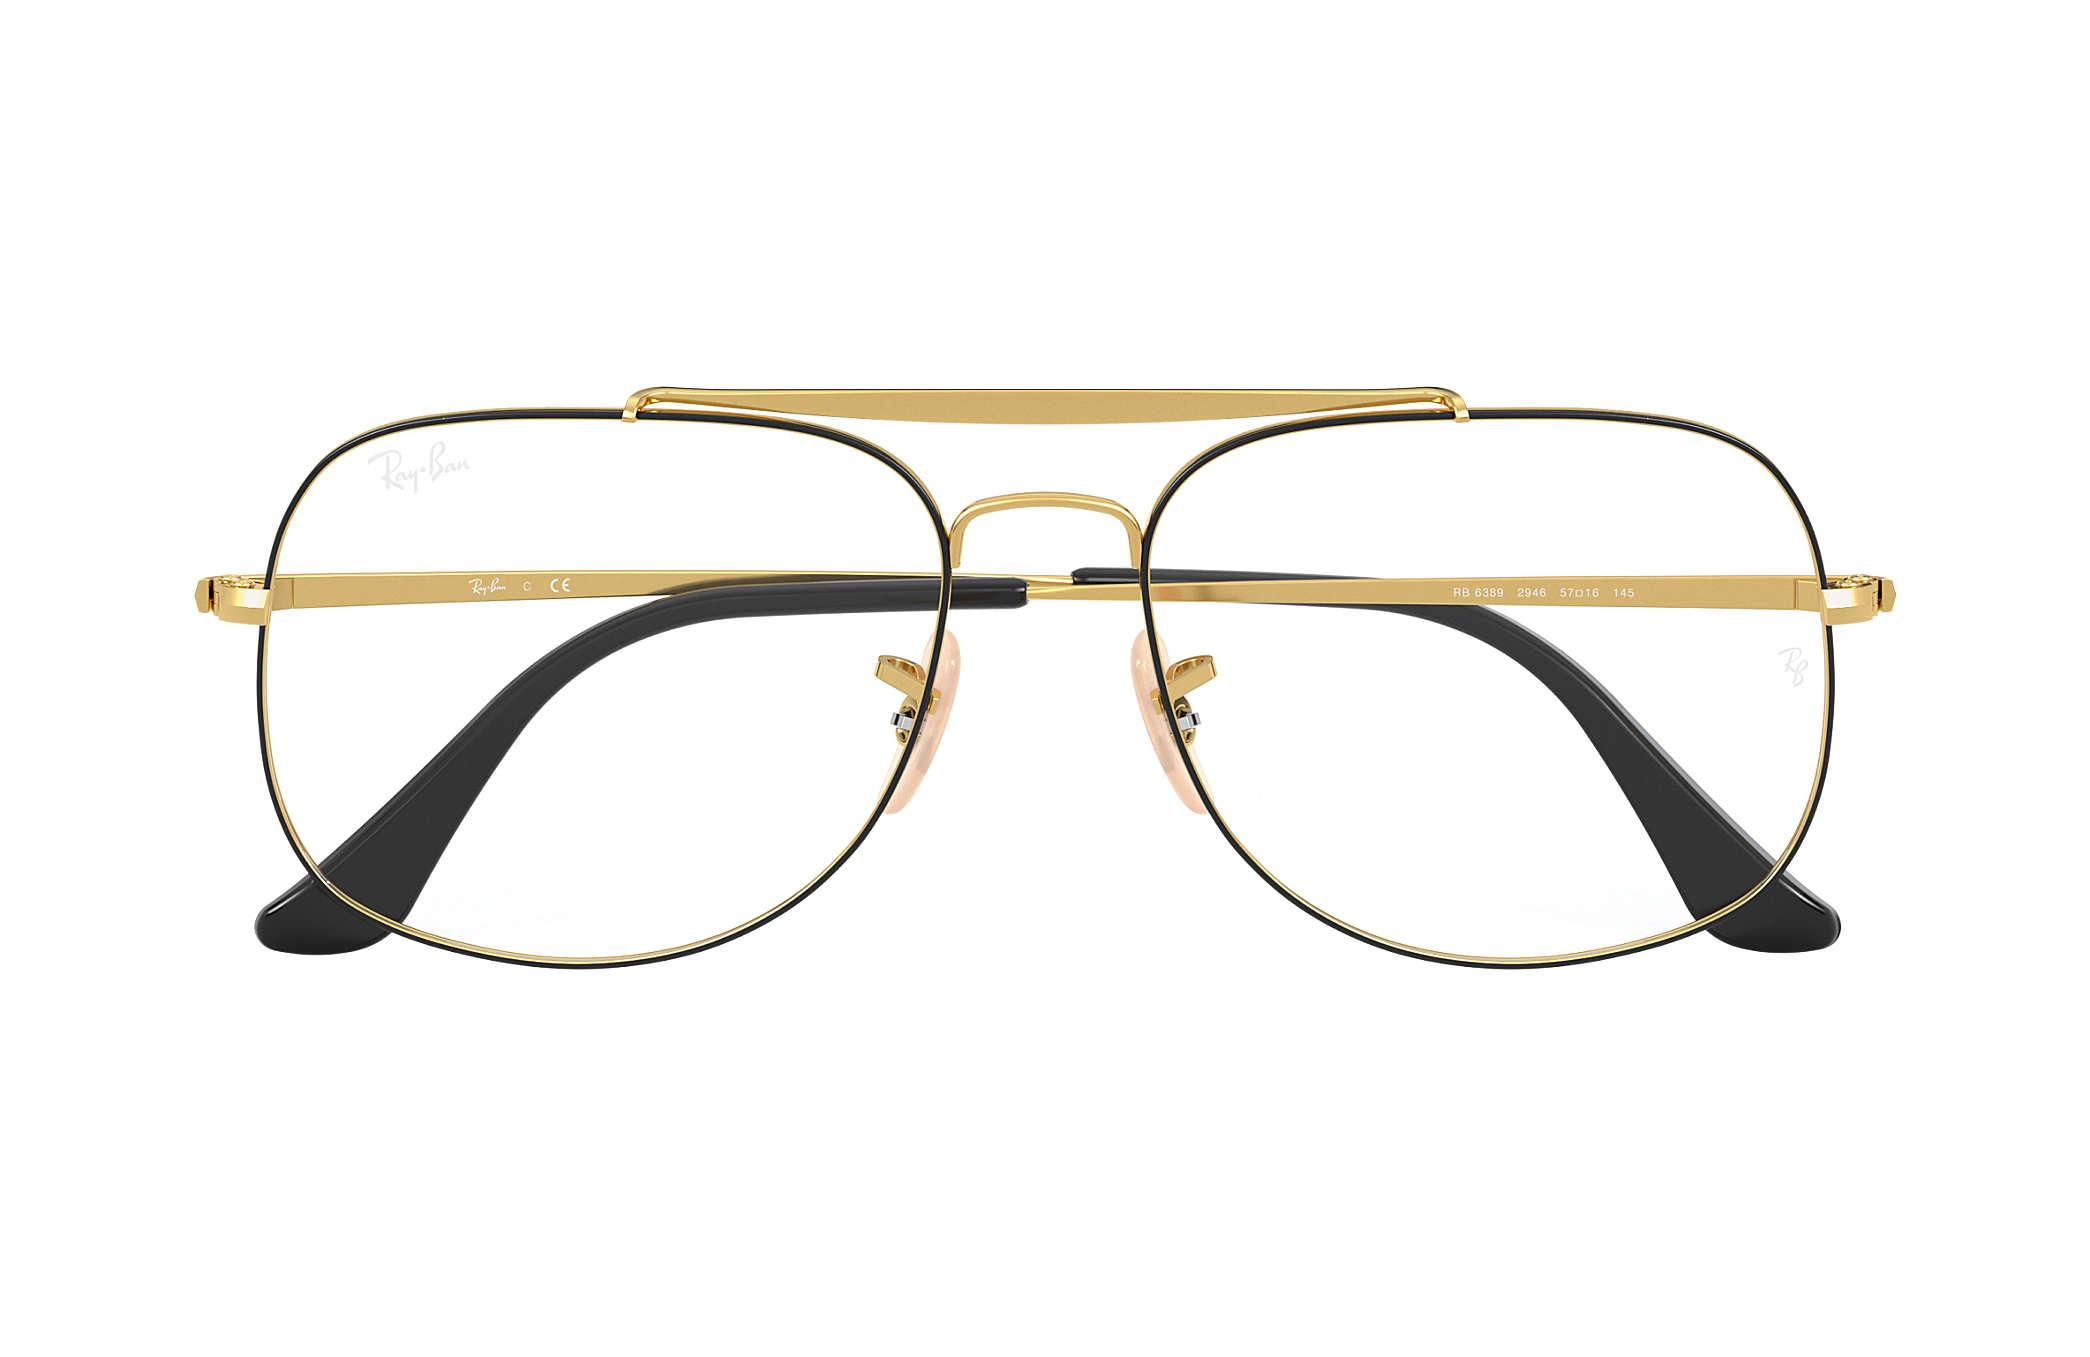 96386da105 Ray-Ban prescription glasses General Optics RB6389 Black - Metal ...